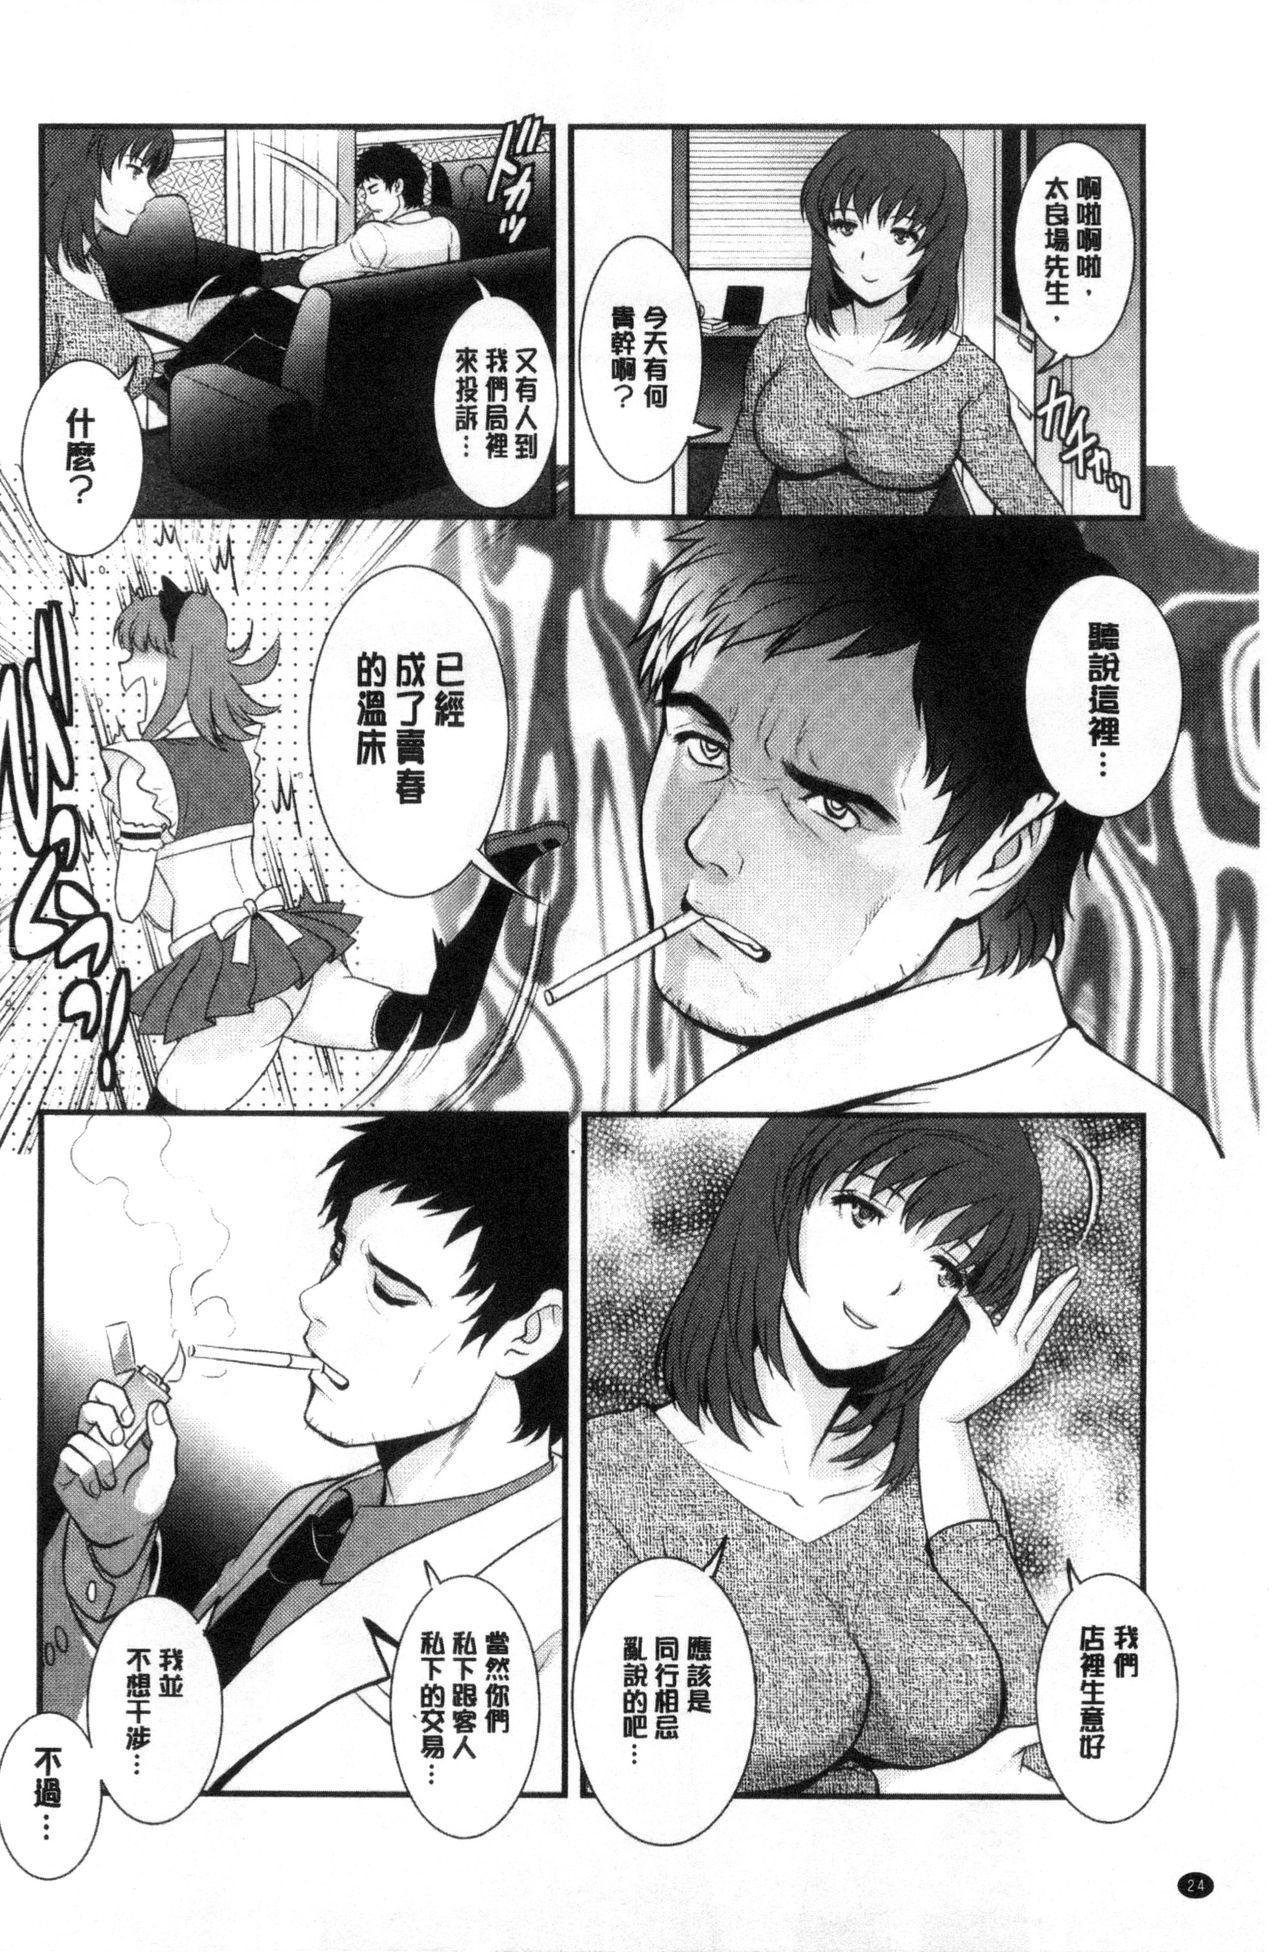 [Saigado] Part Time Manaka-san Wakazuma Enjokousai-ki | 兼職打工的愛花小姐 [Chinese] 24